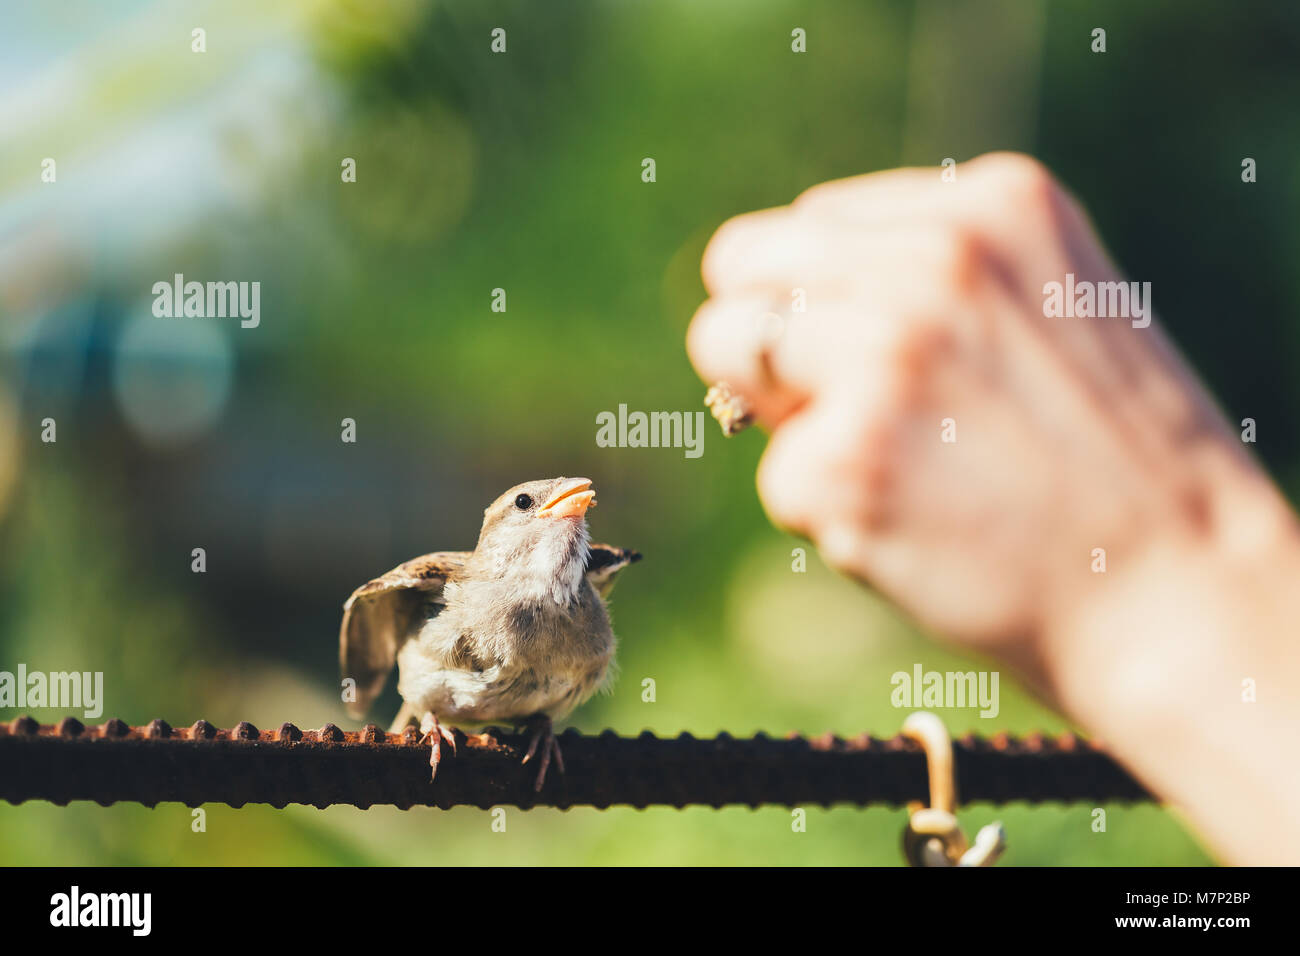 L'alimentation des jeunes Chick, Bird House Sparrow Passer domesticus à bec jaune Banque D'Images